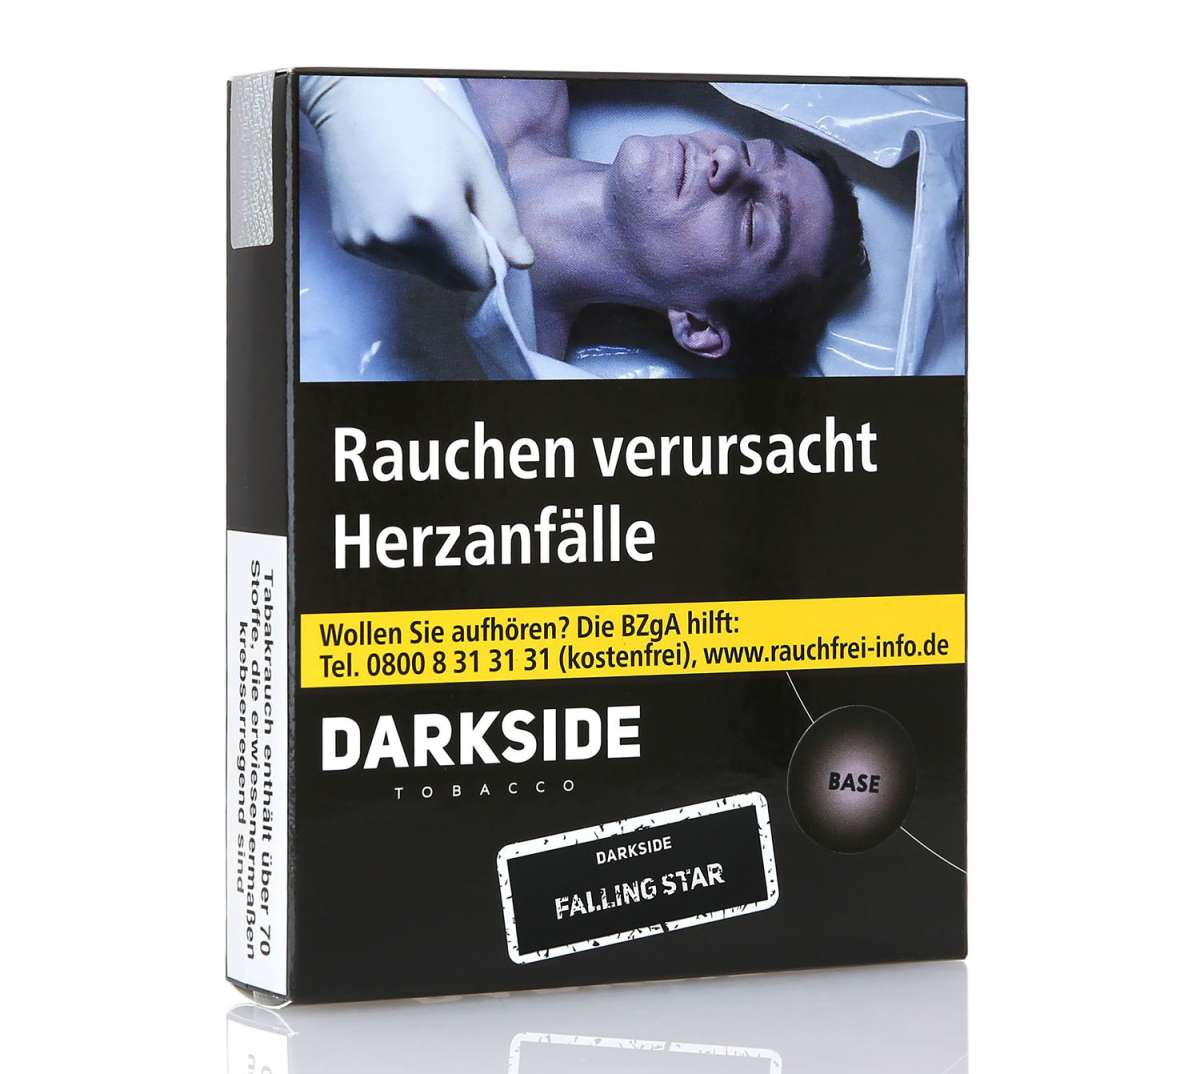 Darkside Base Falling Star Shisha Tabak 200g